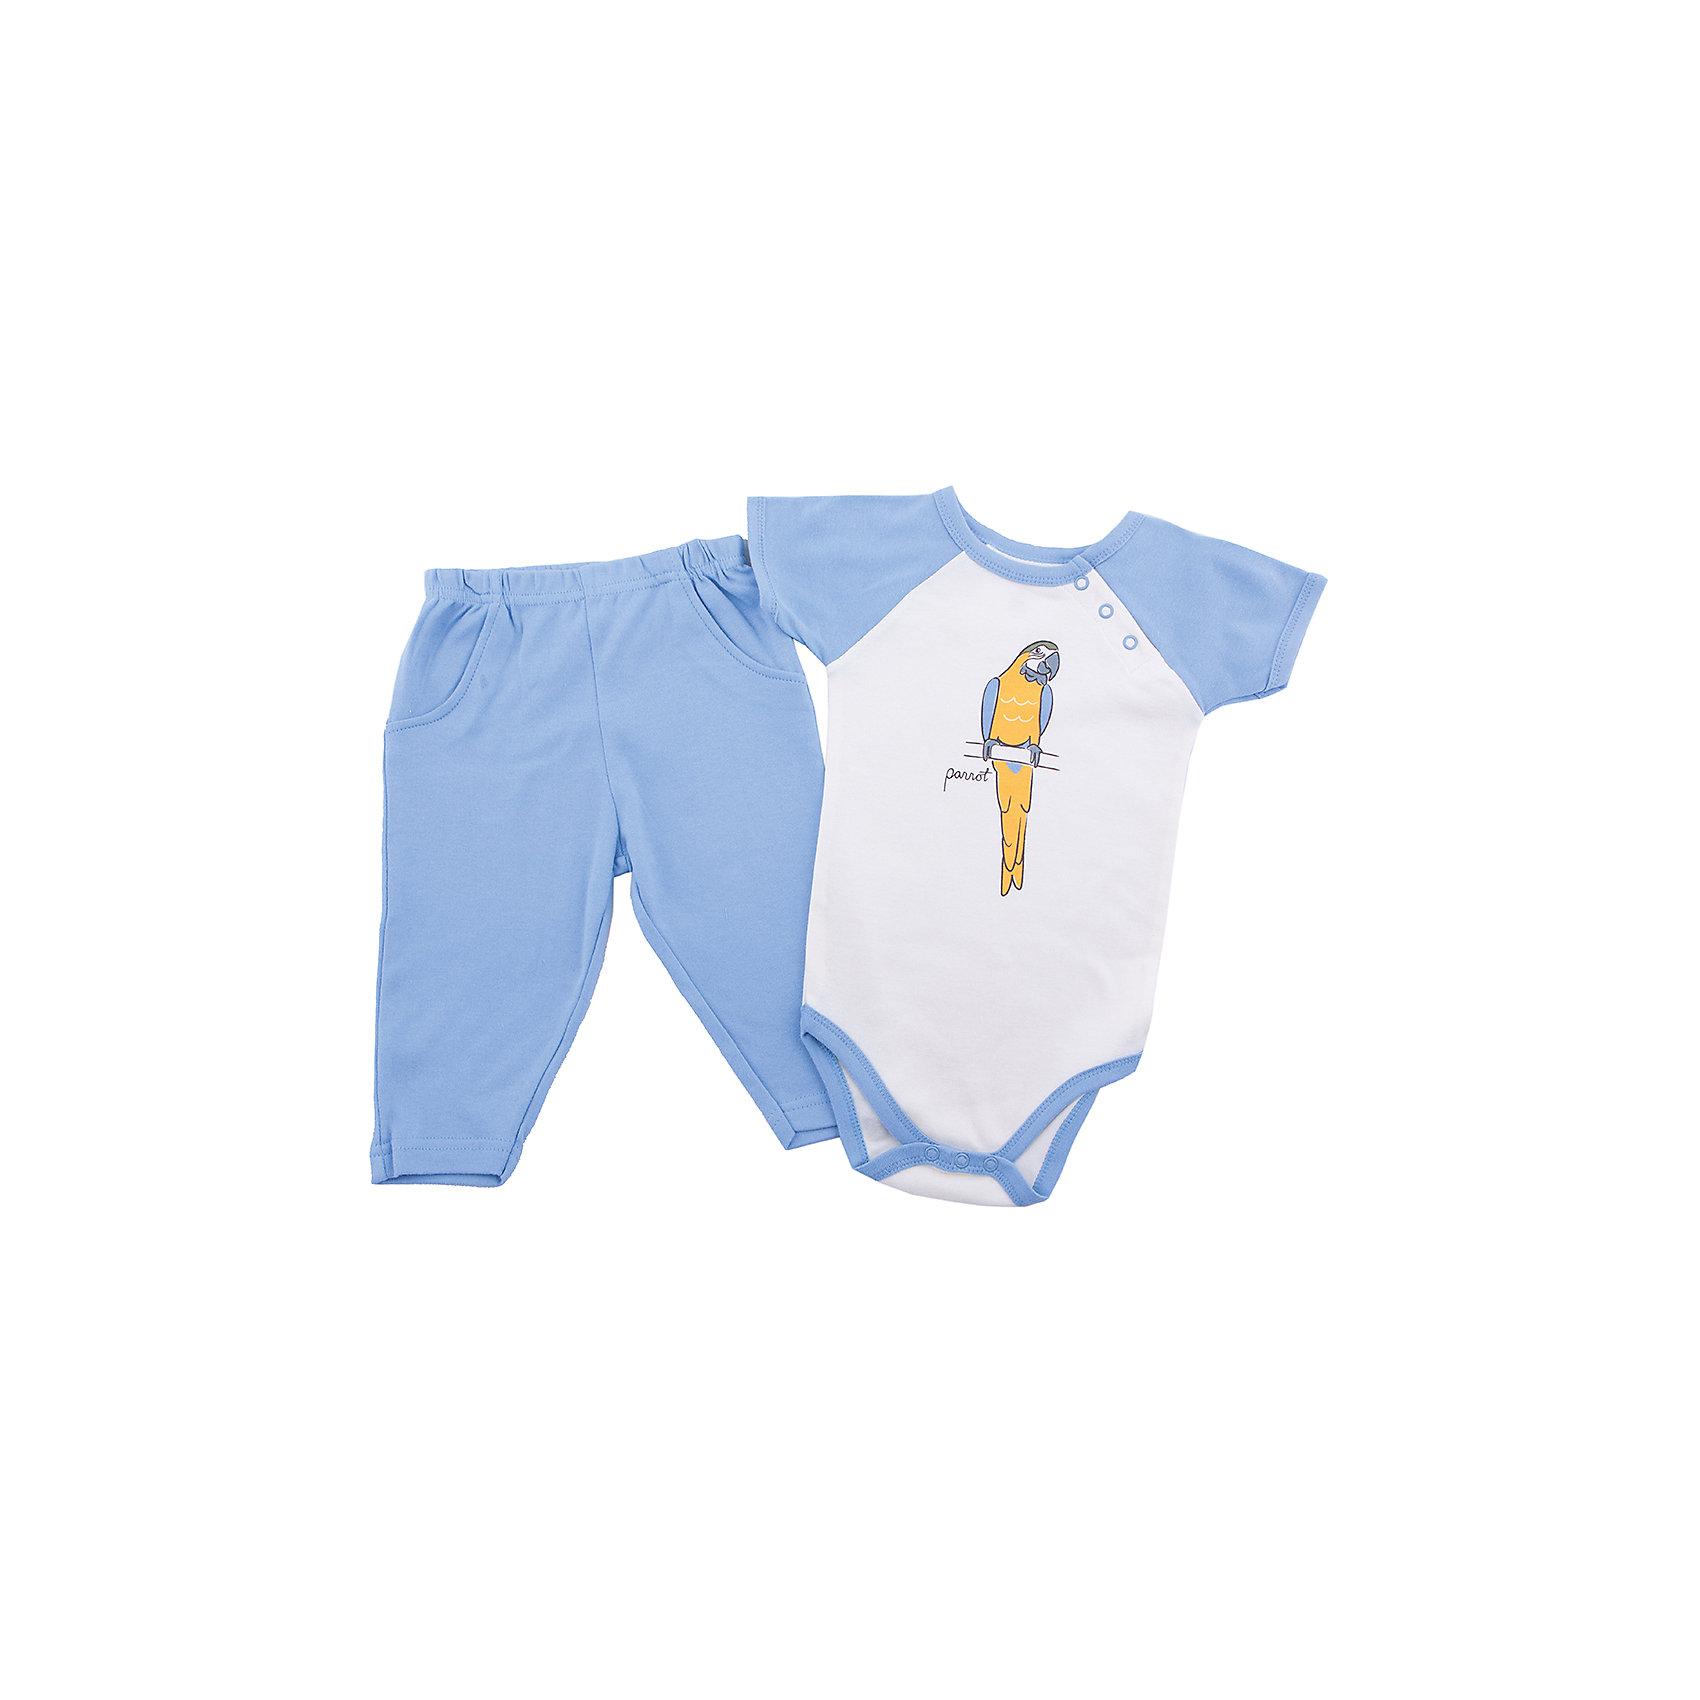 Hudson Baby Комплект для мальчика: боди и штанишки для мальчика Hudson Baby